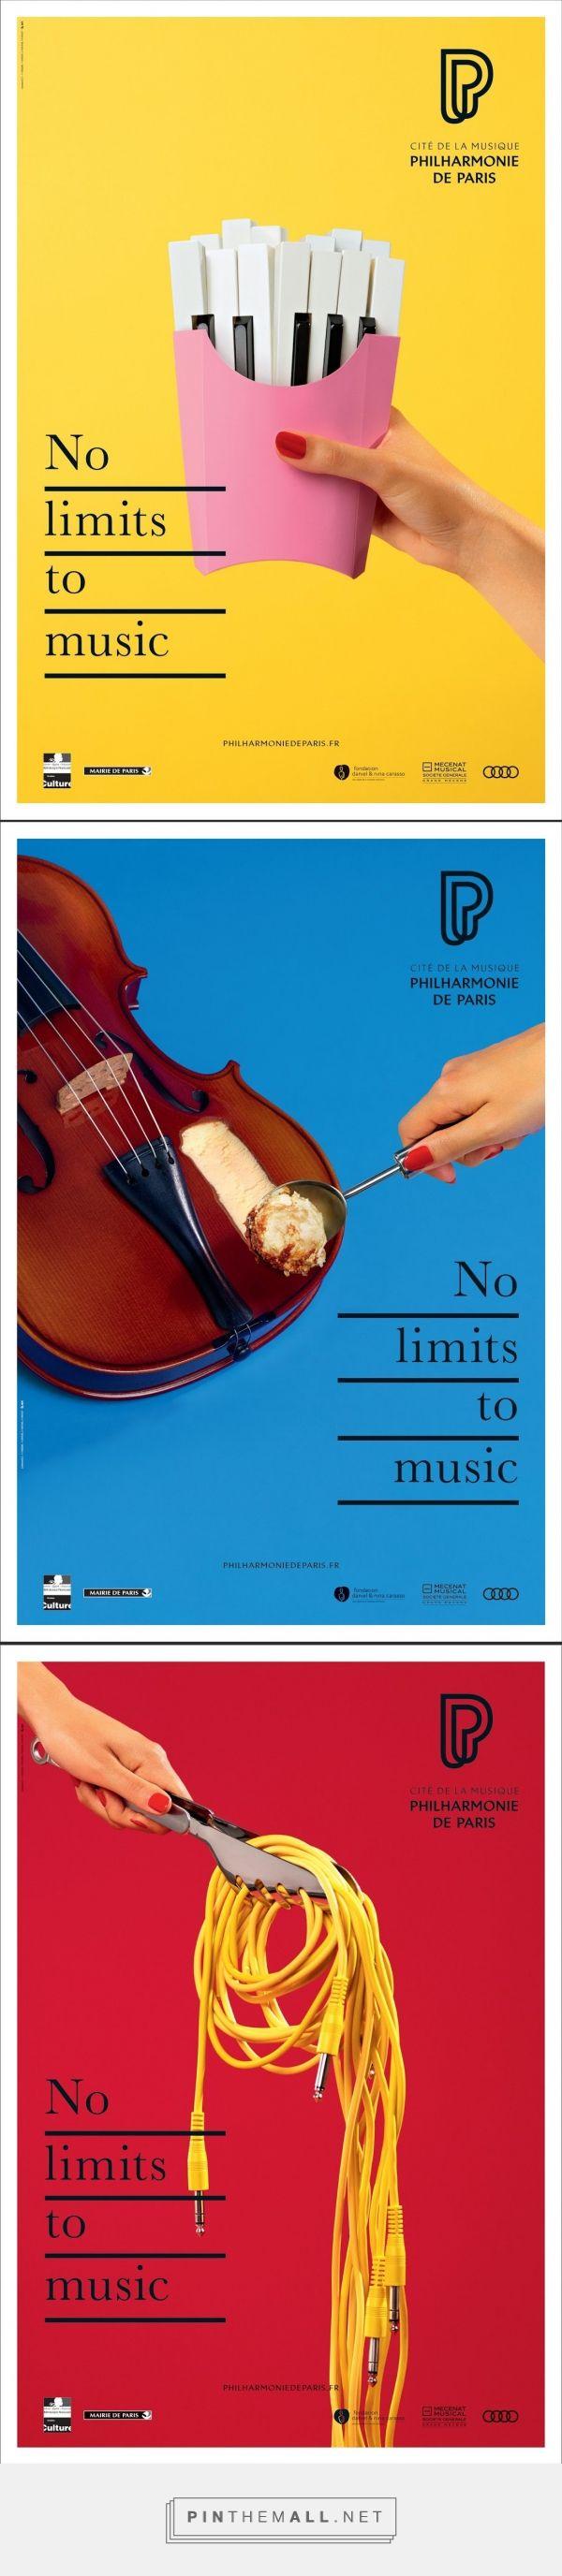 Concepto: devorar la música, campaña para la filarmónica de parís - created via https://pinthemall.net